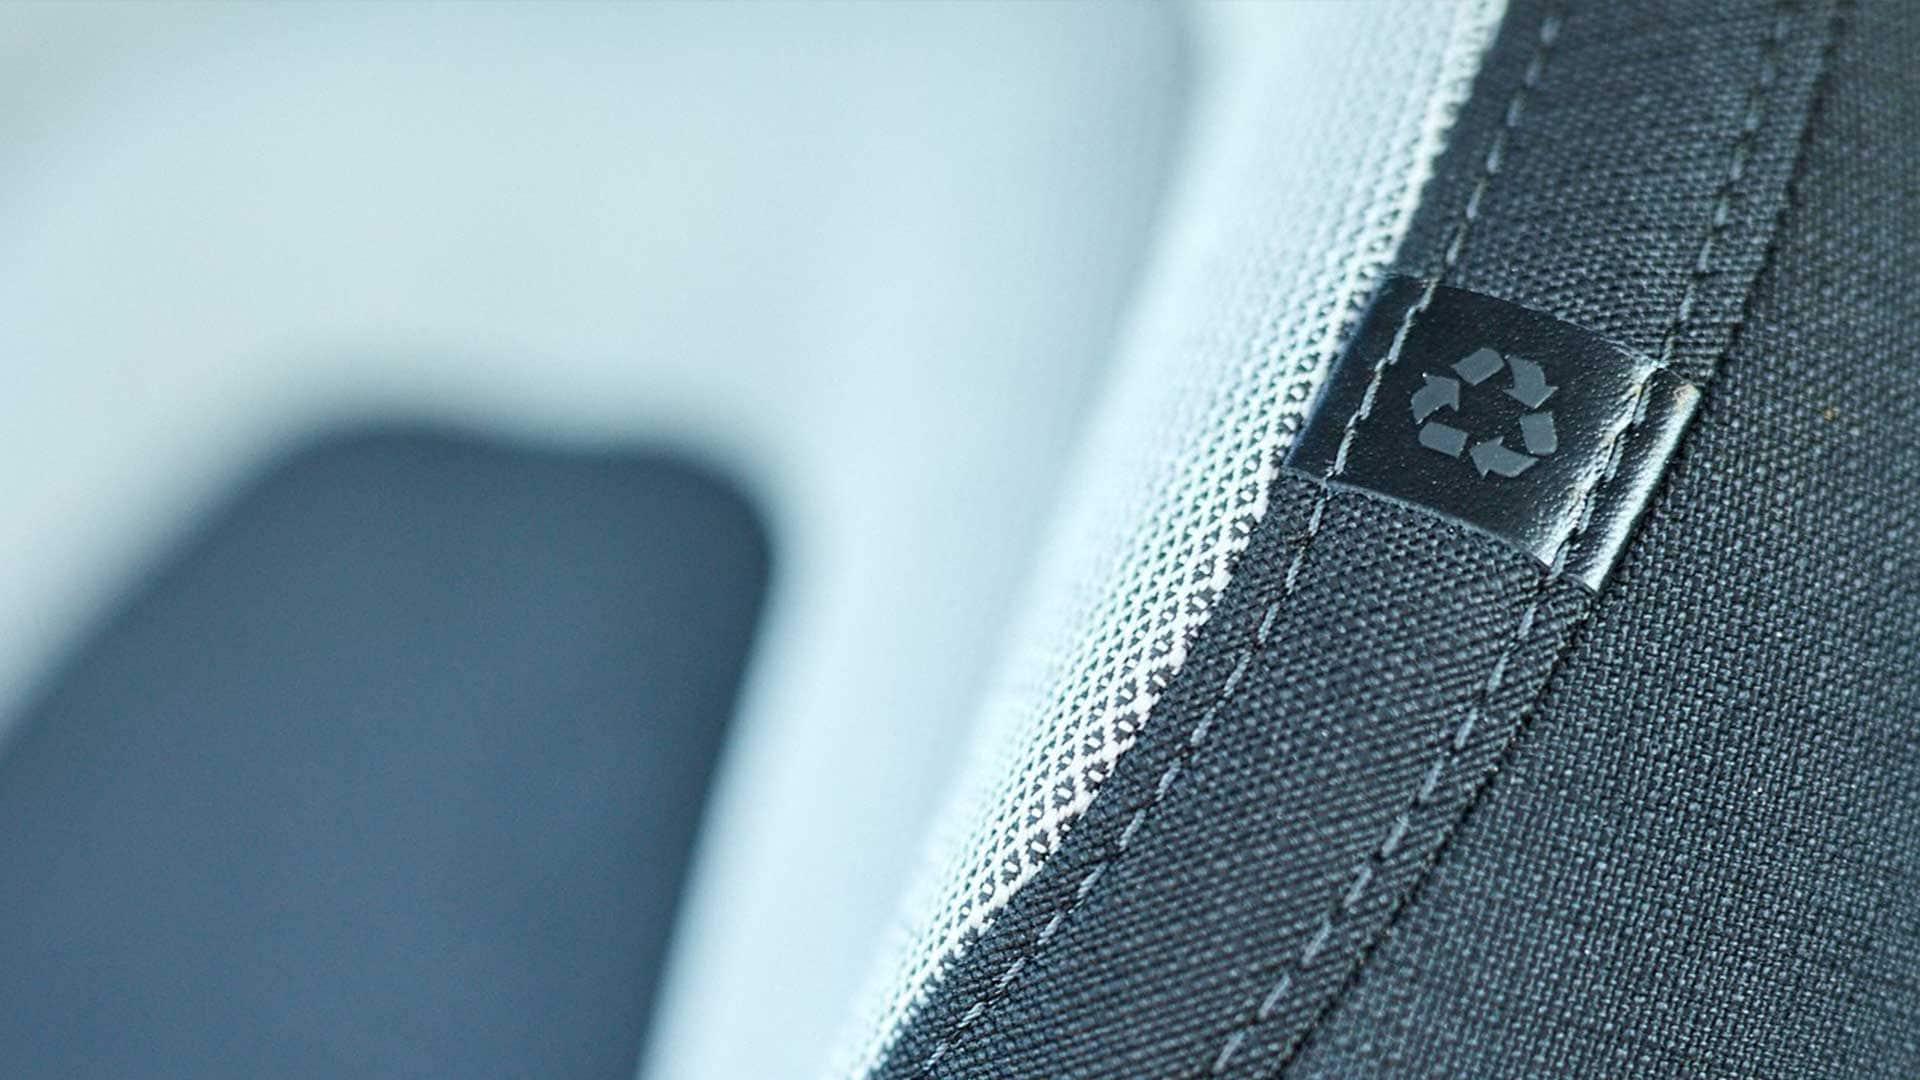 Nahaufnahme eines Fahrzeugsitzes, der das universelle Recyclingsymbol trägt.